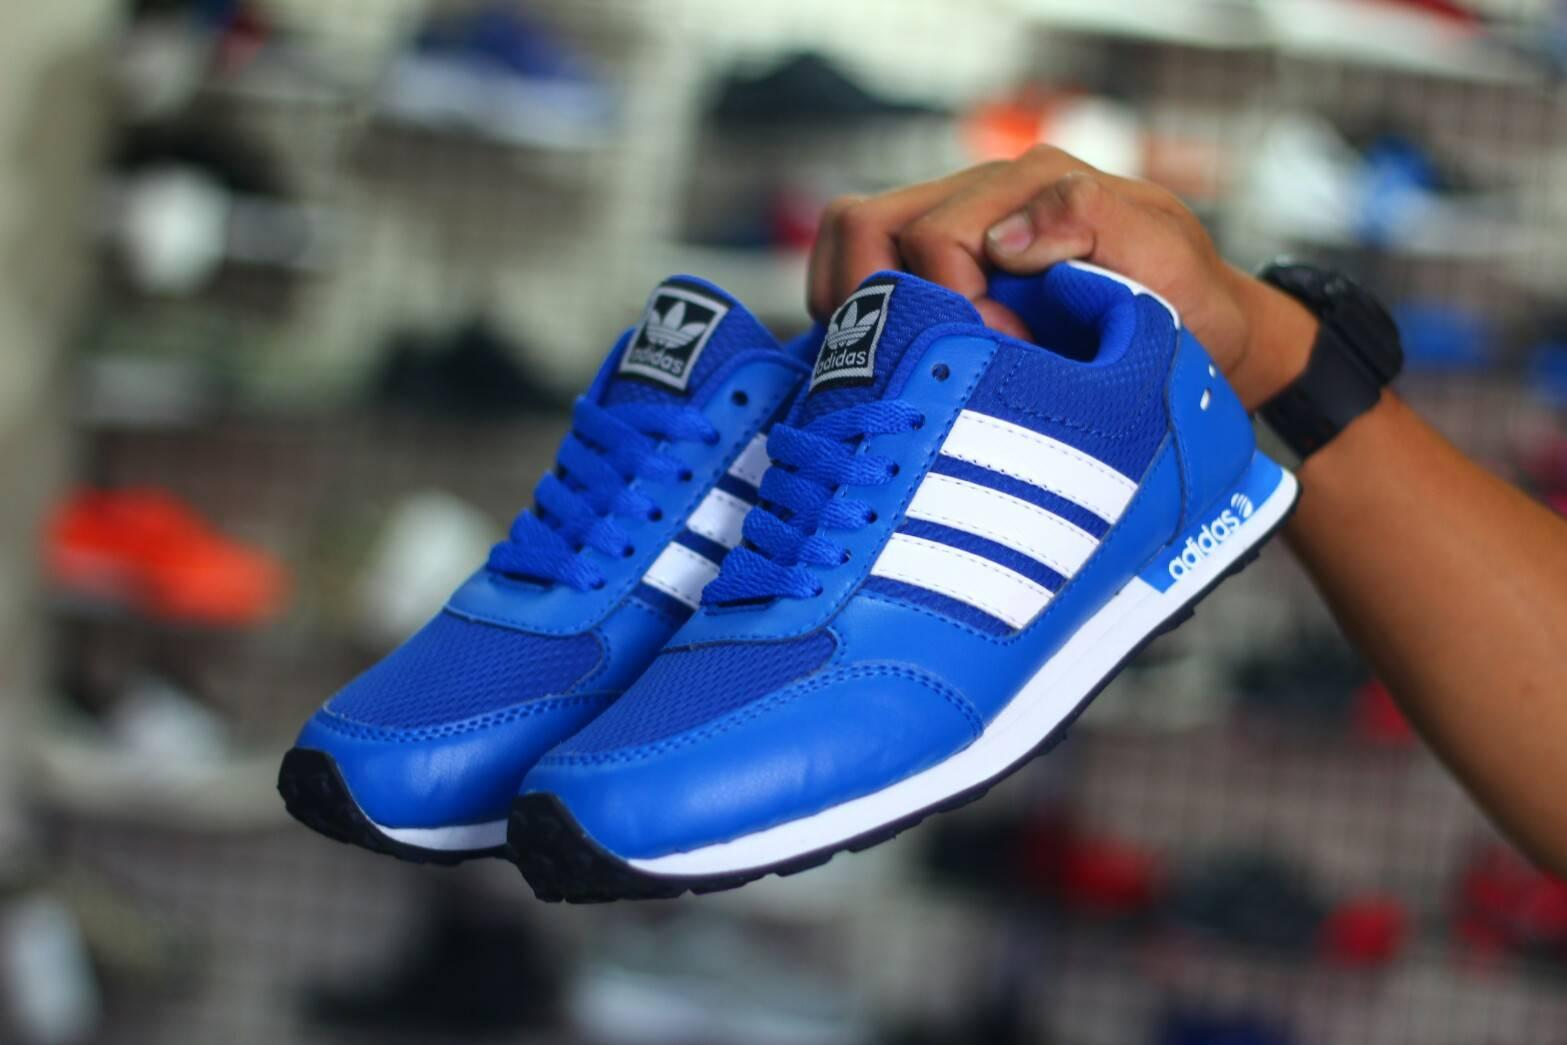 Sepatu Adidas Pria Sneakers Running Casual Sport Shoes Olahraga Santai Jogging Lari Futsal Running Sekolah Anak Slip On Slop Loafers Formal nike boots vans converse  Pria dan Wanita